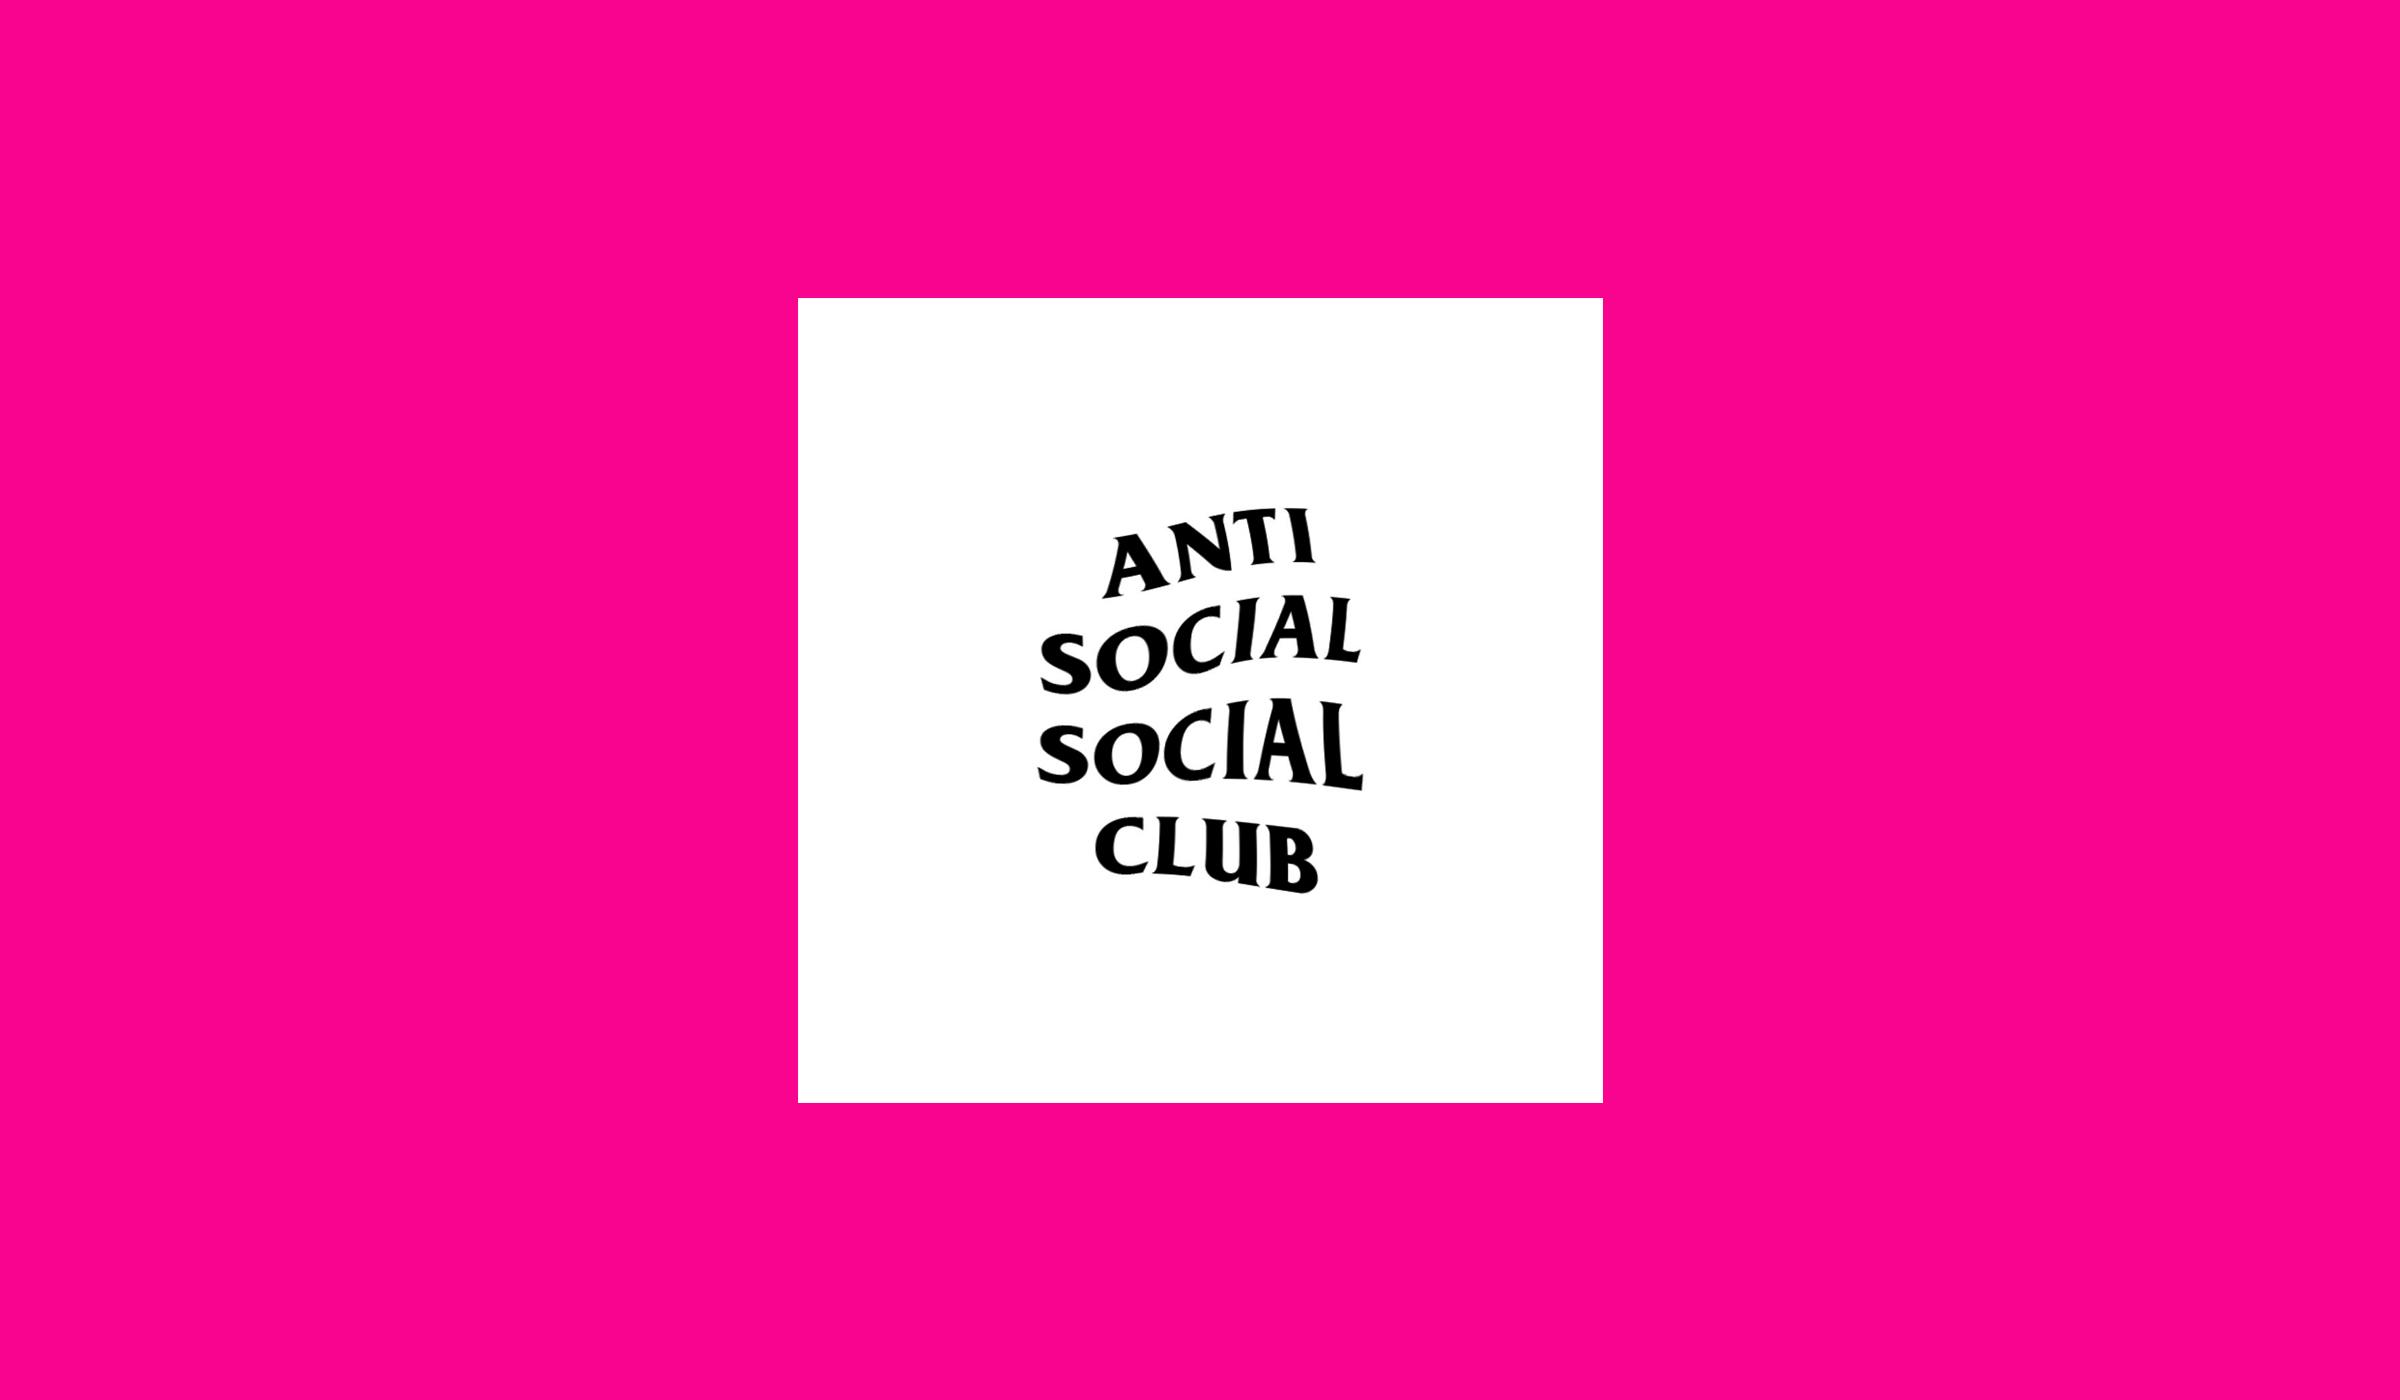 Anti Social Social Club.